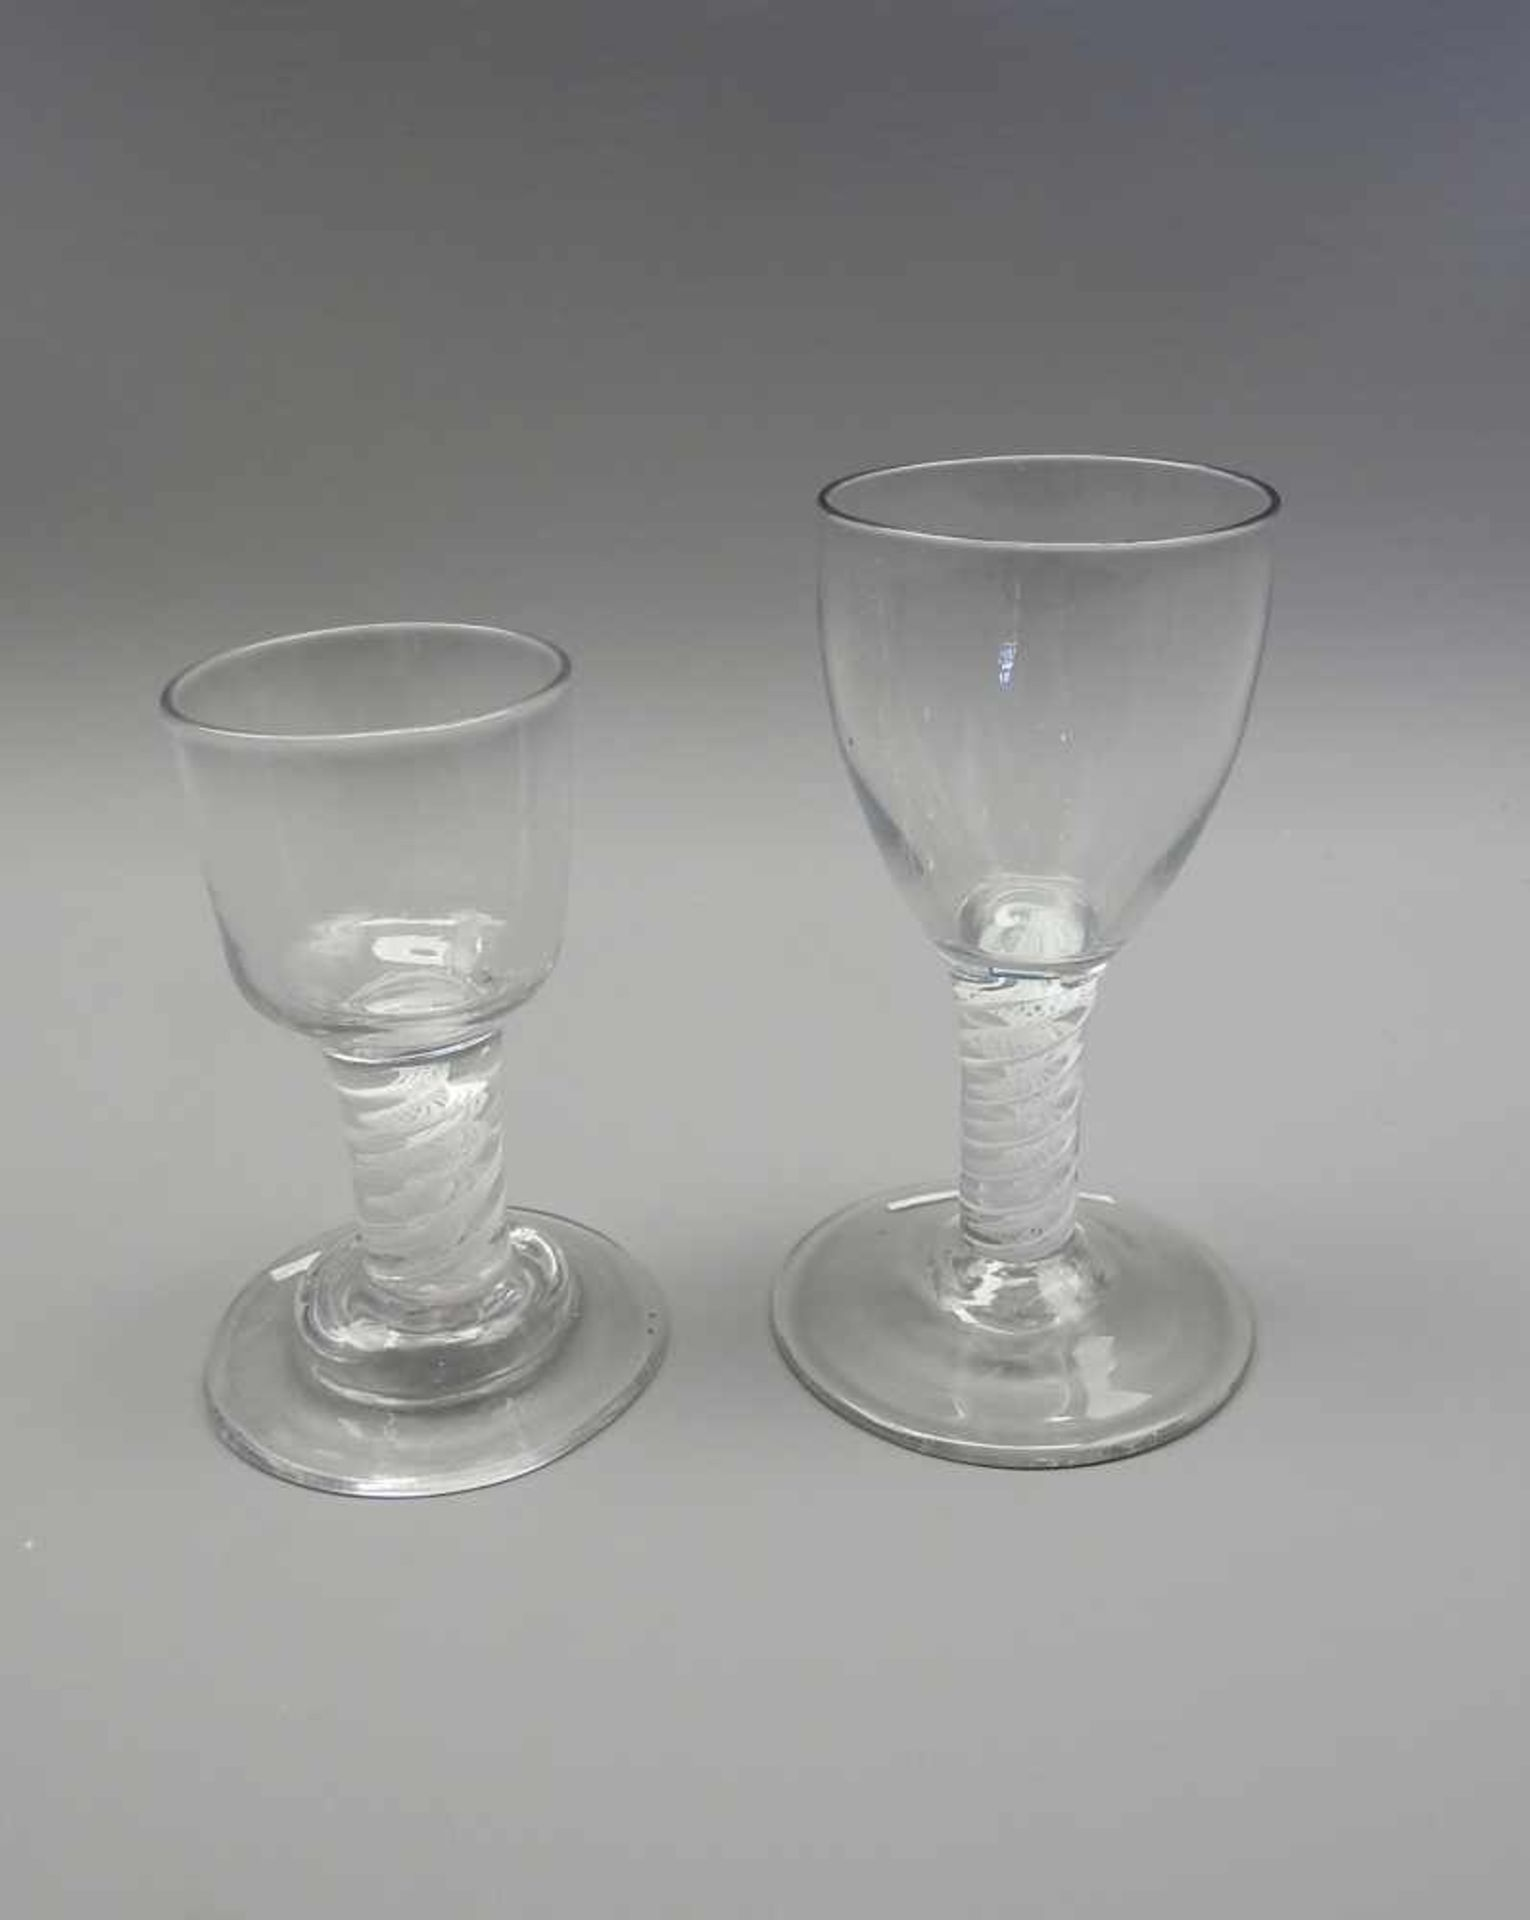 Zwei englische SchnapsgläserKlarglas geschliffen. Zwei englische Schnapsgläser auf rundem Stand